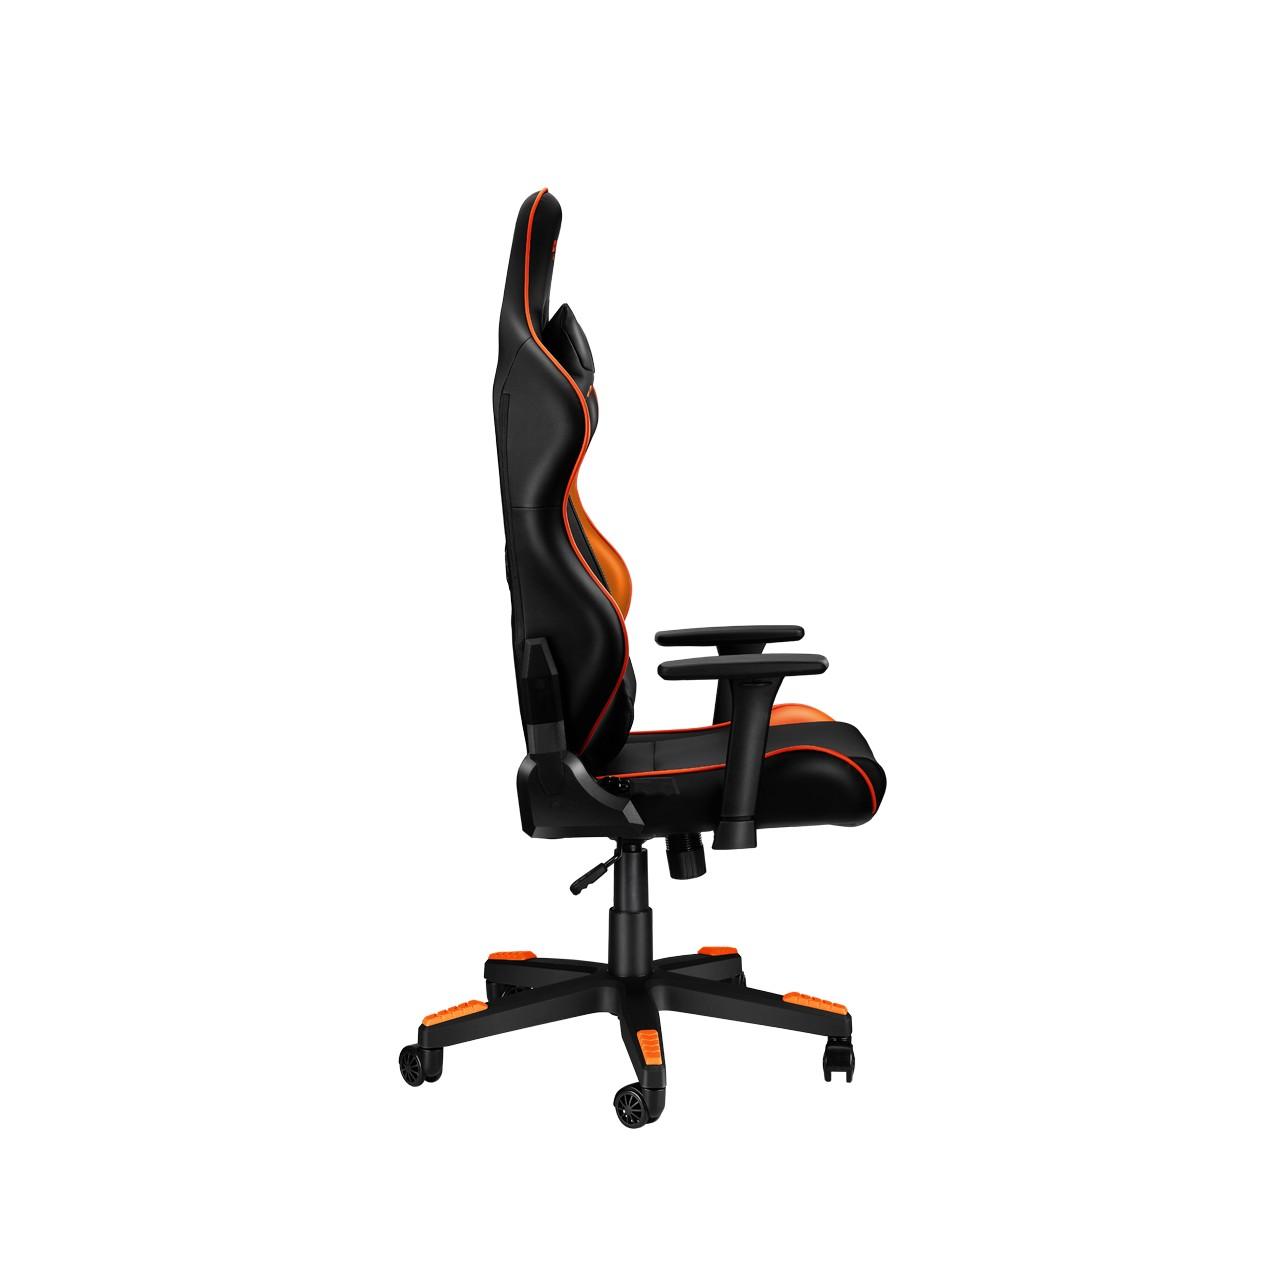 Canyon Deimos black/orange gaming chair